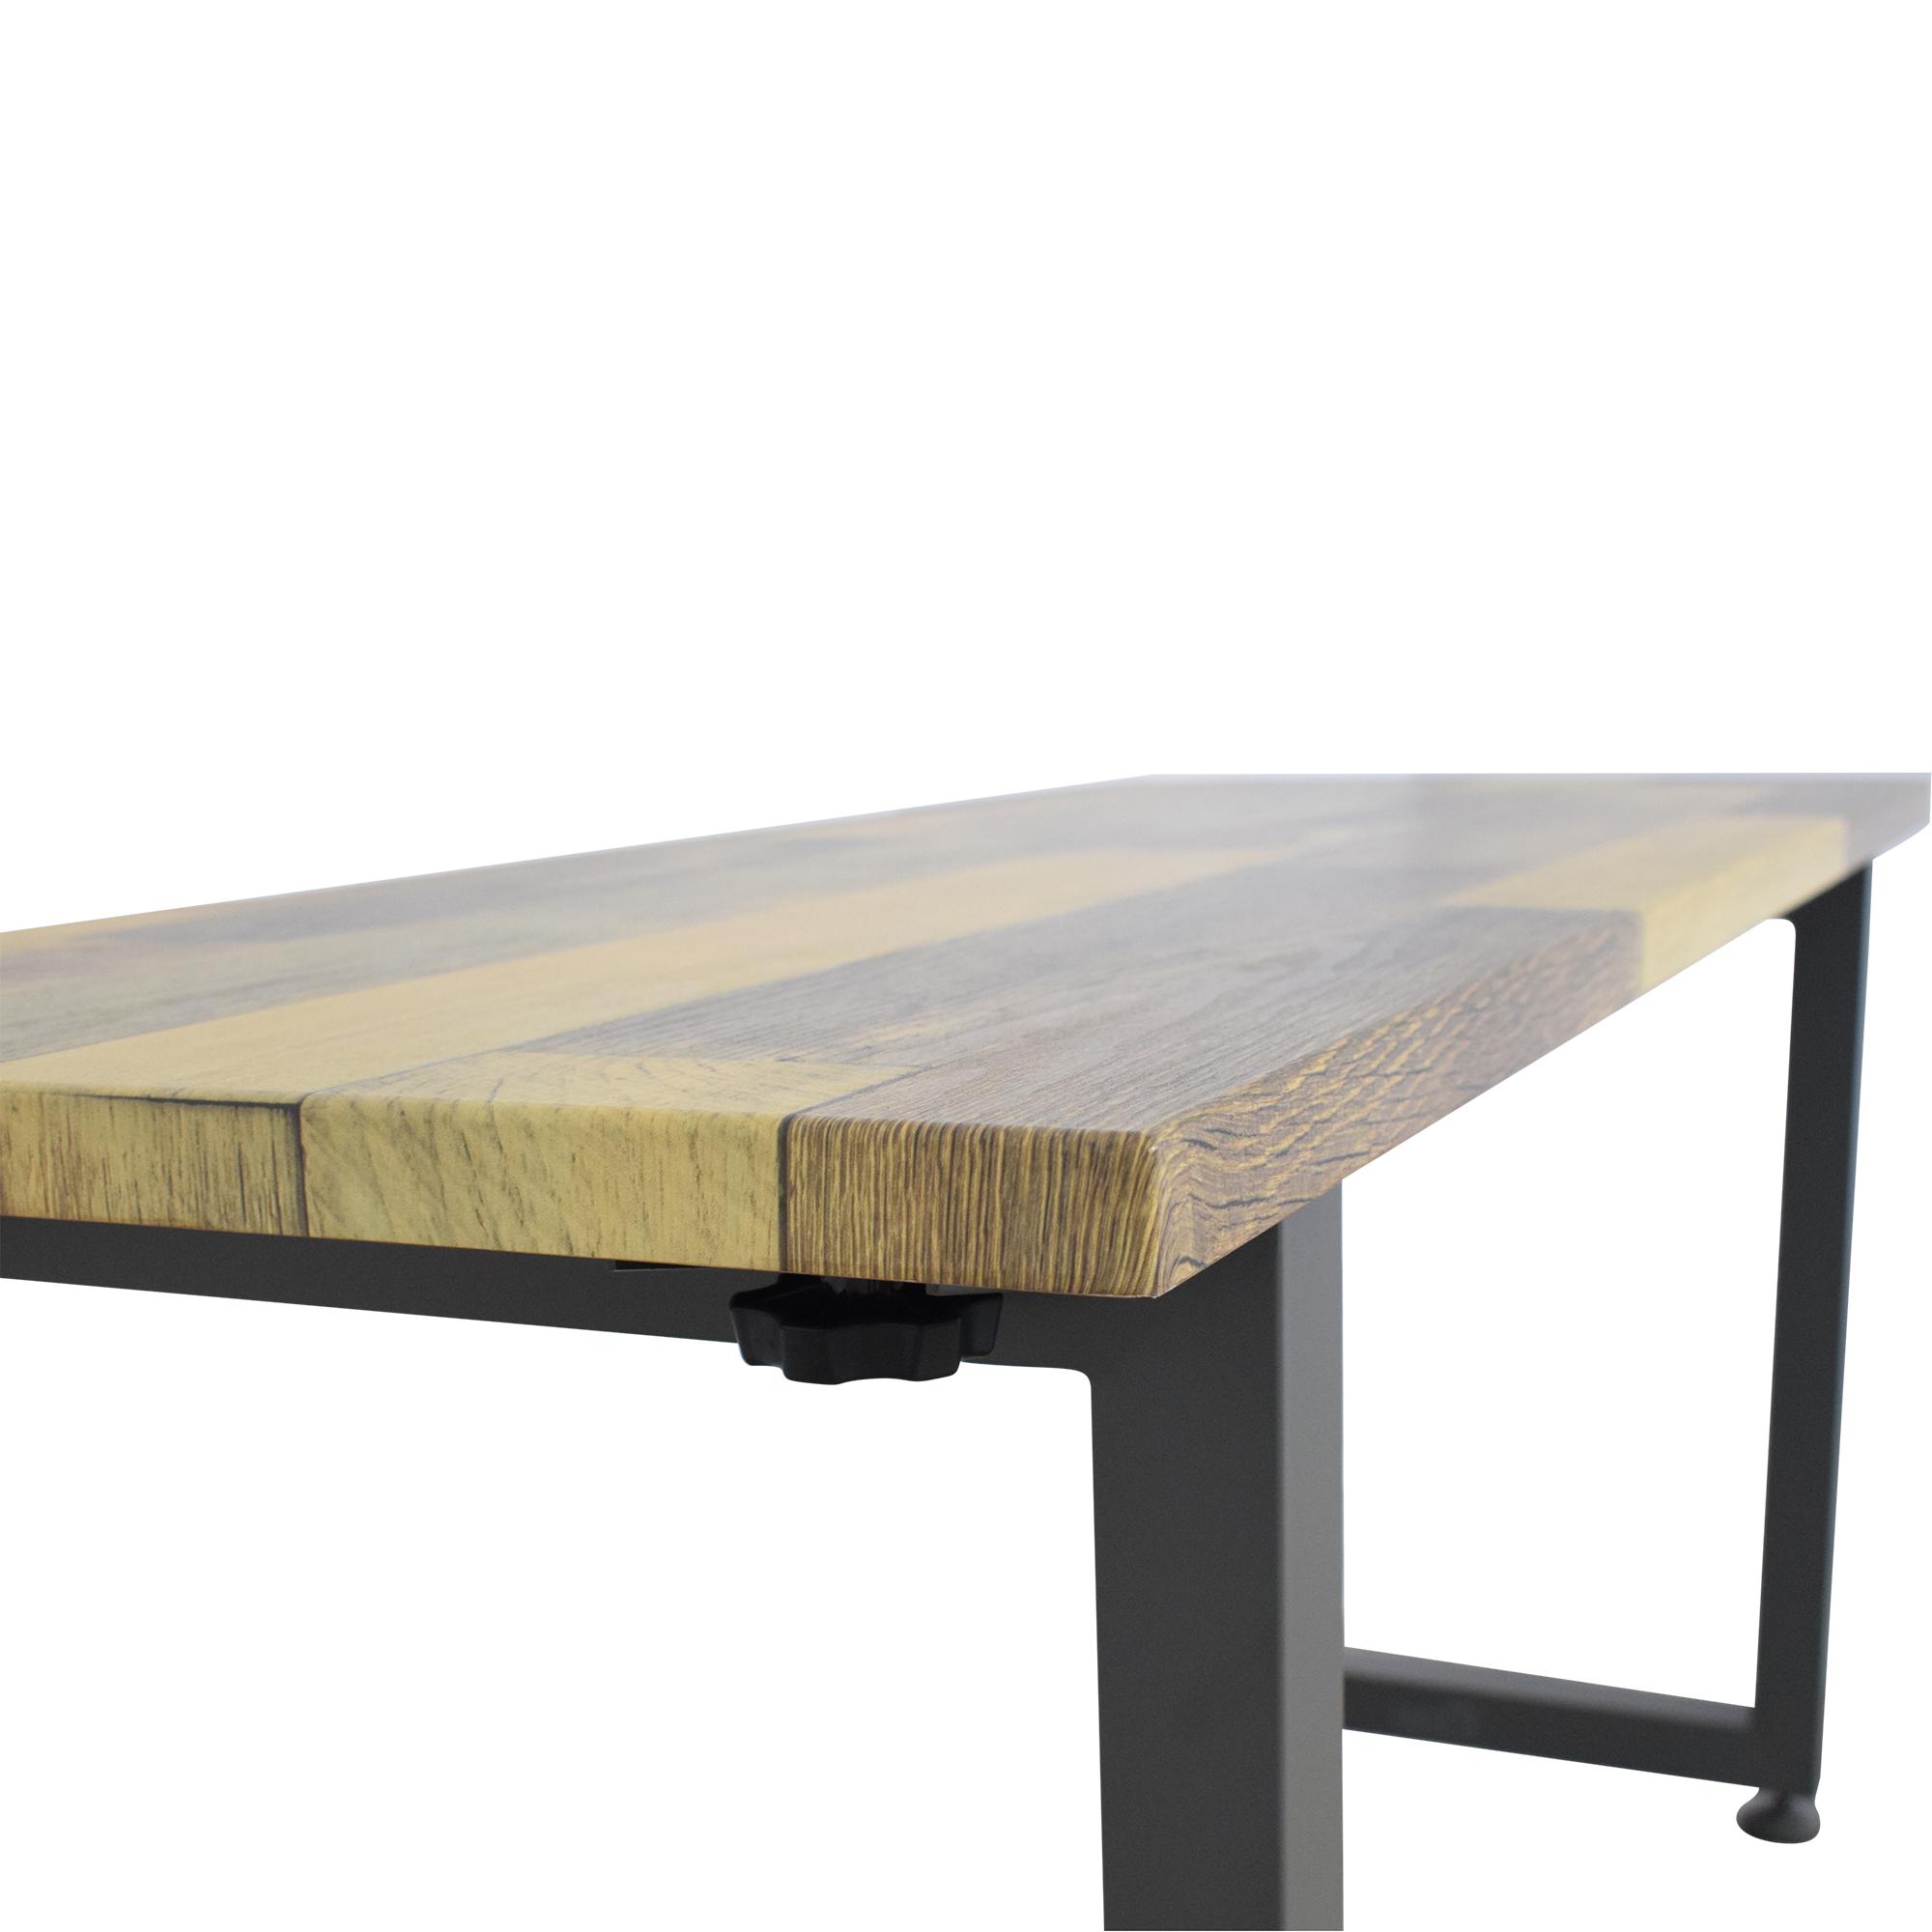 Varidesk Varidesk QuickPro Desk Tables